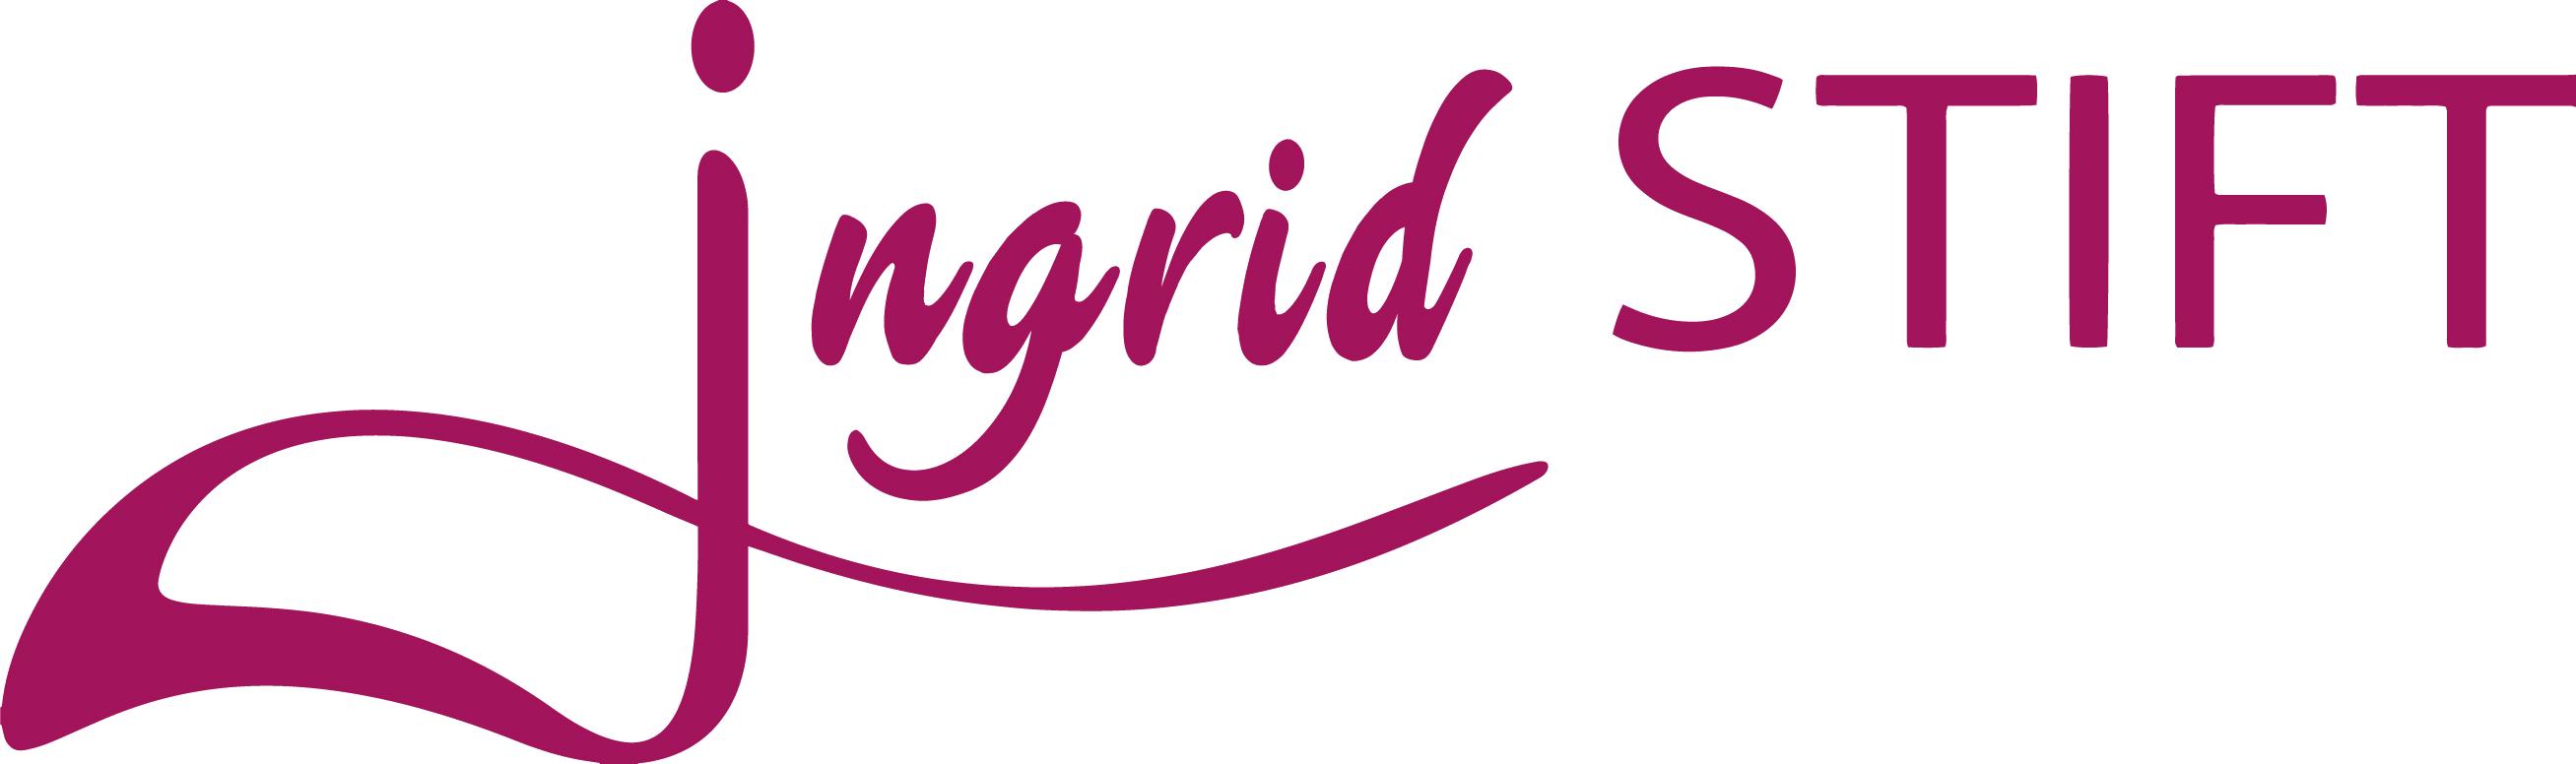 Menschenfreundin Ingrid Stift